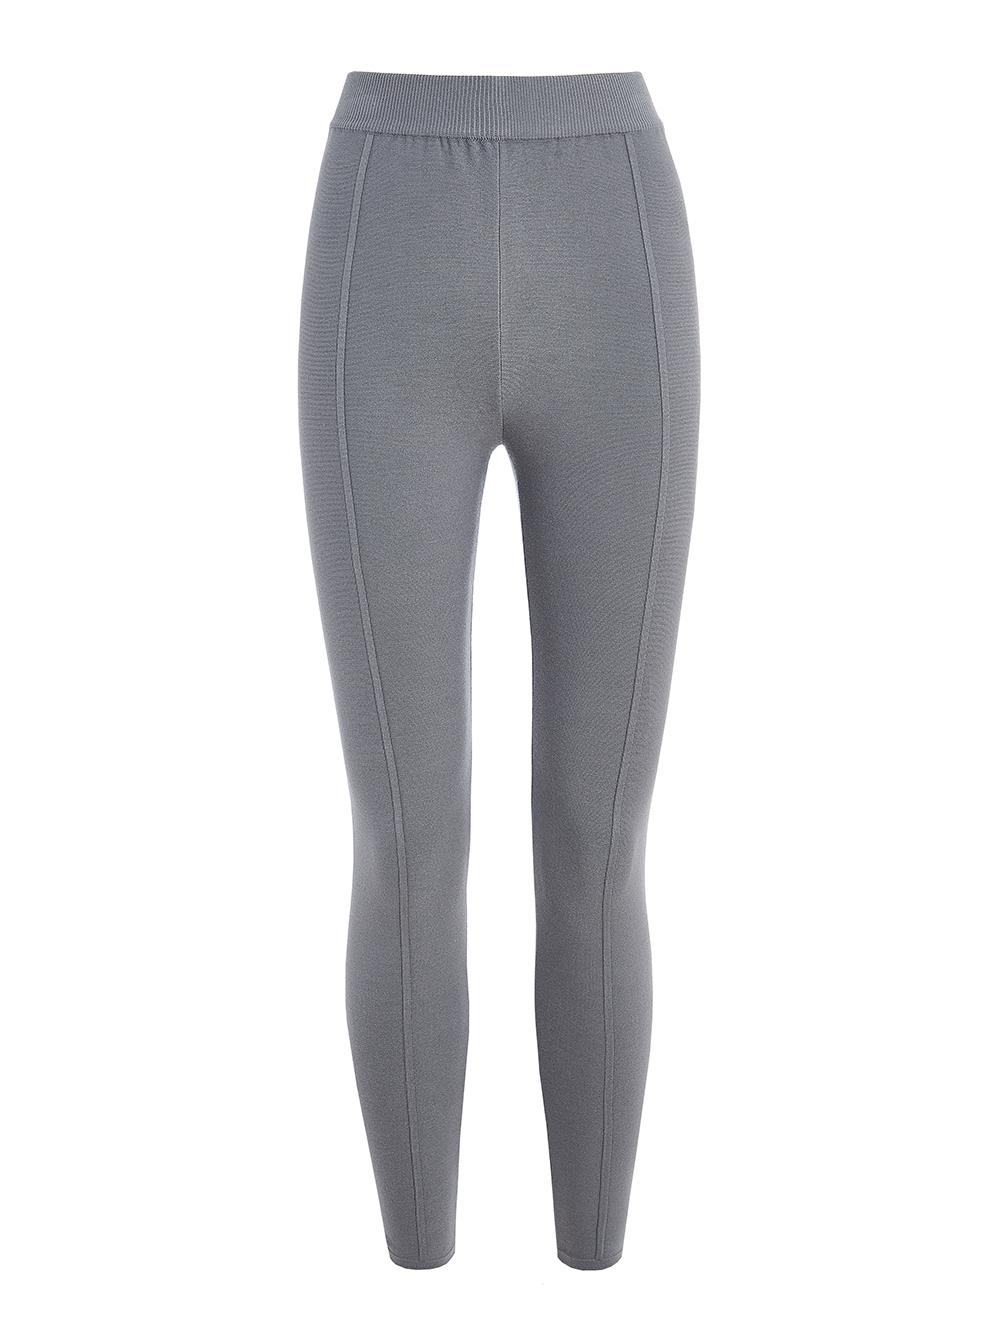 Женские брюки светло-серого цвета с рельефными полосками из вискозы - фото 1